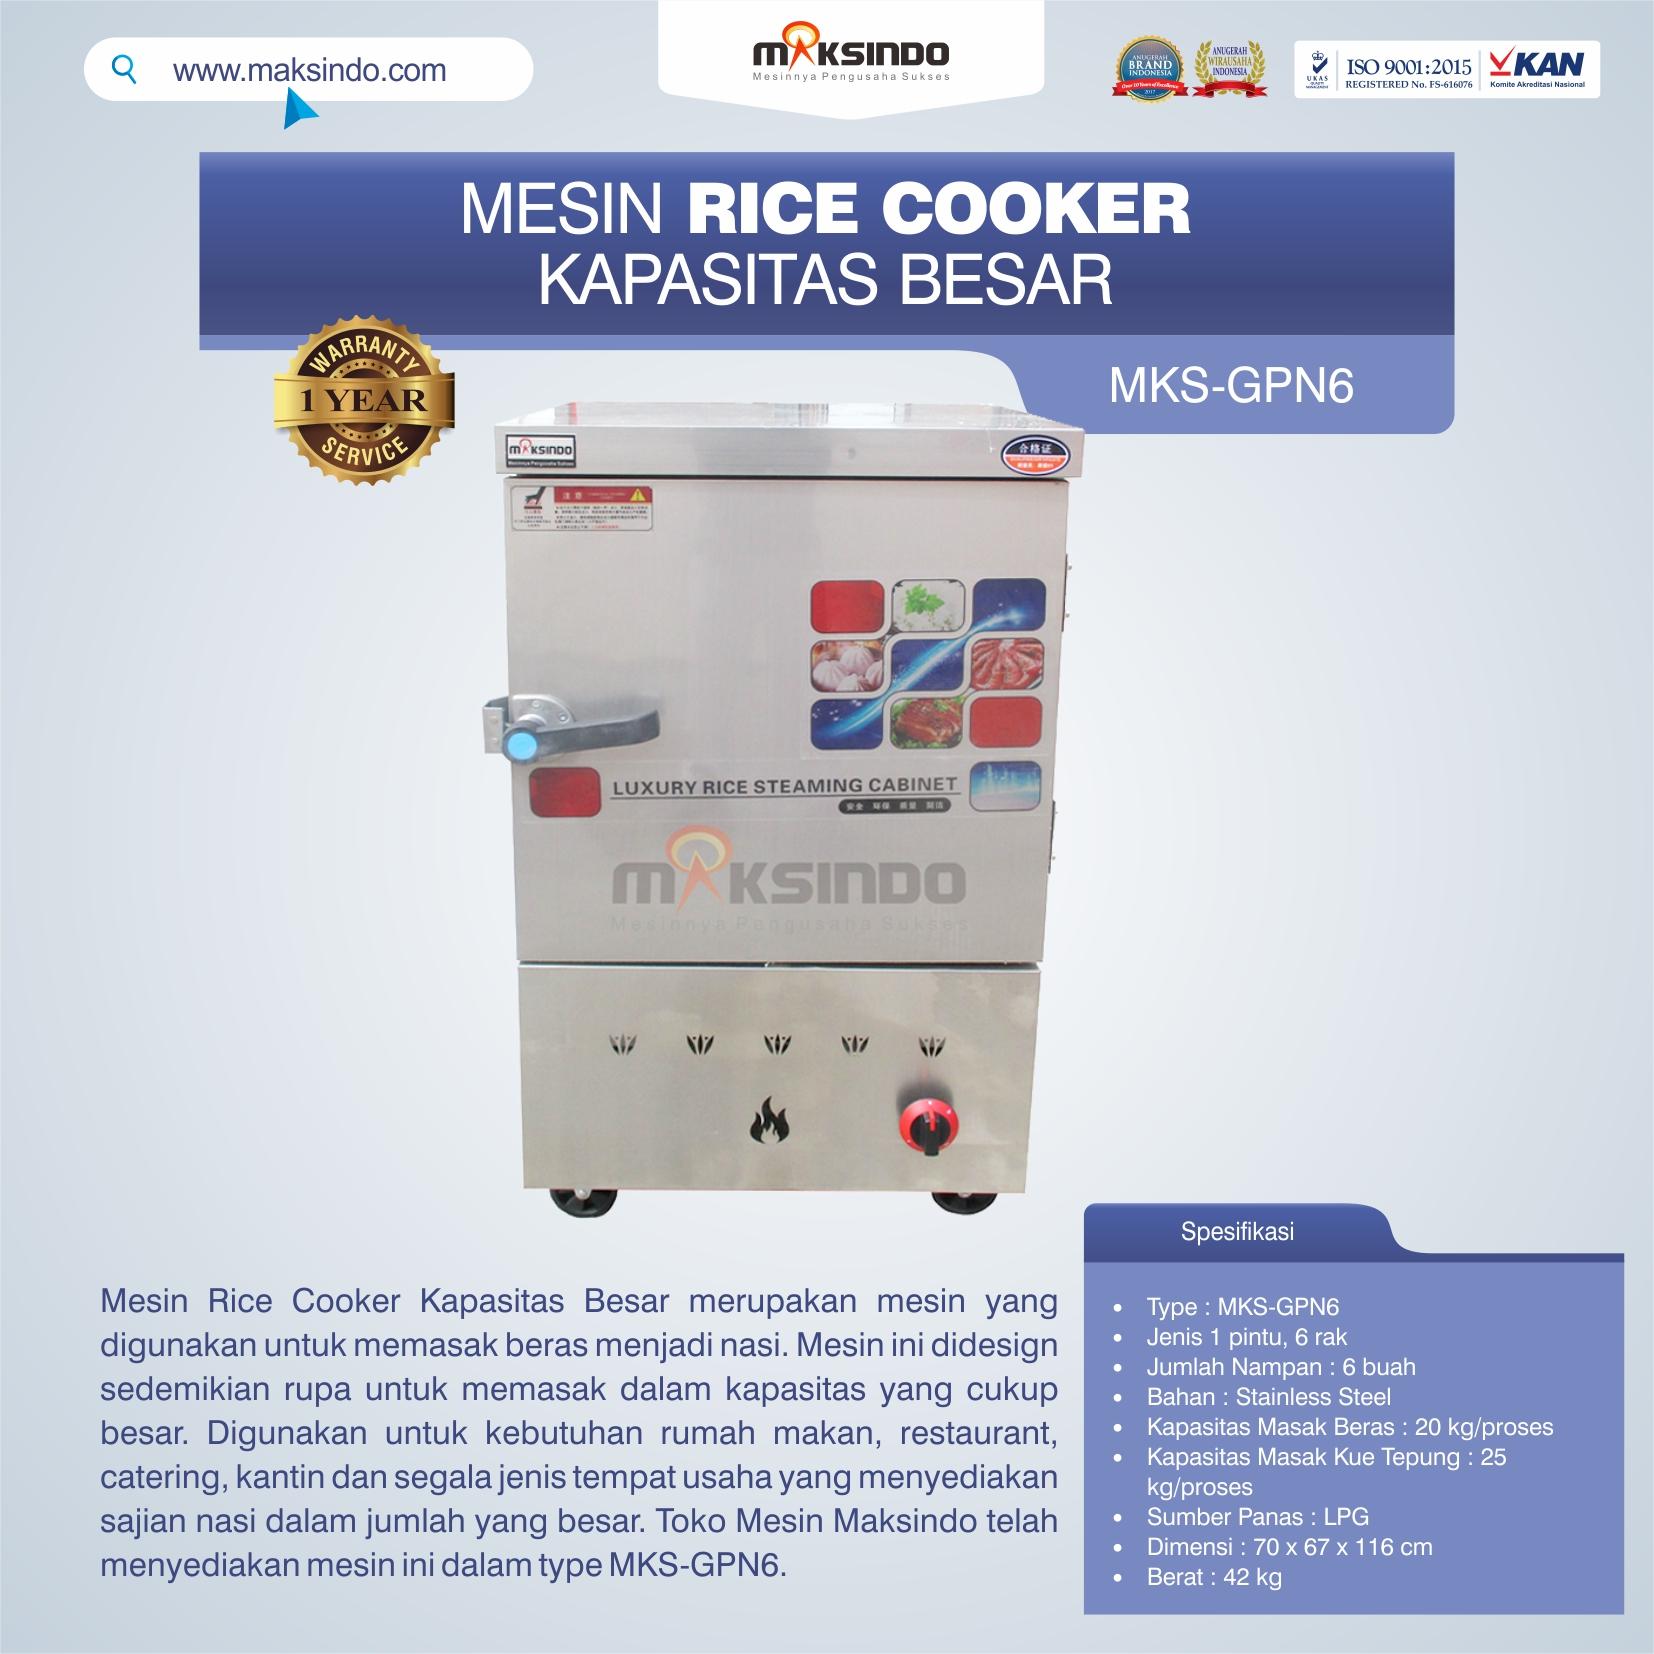 Jual Mesin Rice Cooker Kapasitas Besar MKS-GPN6 di Pekanbaru